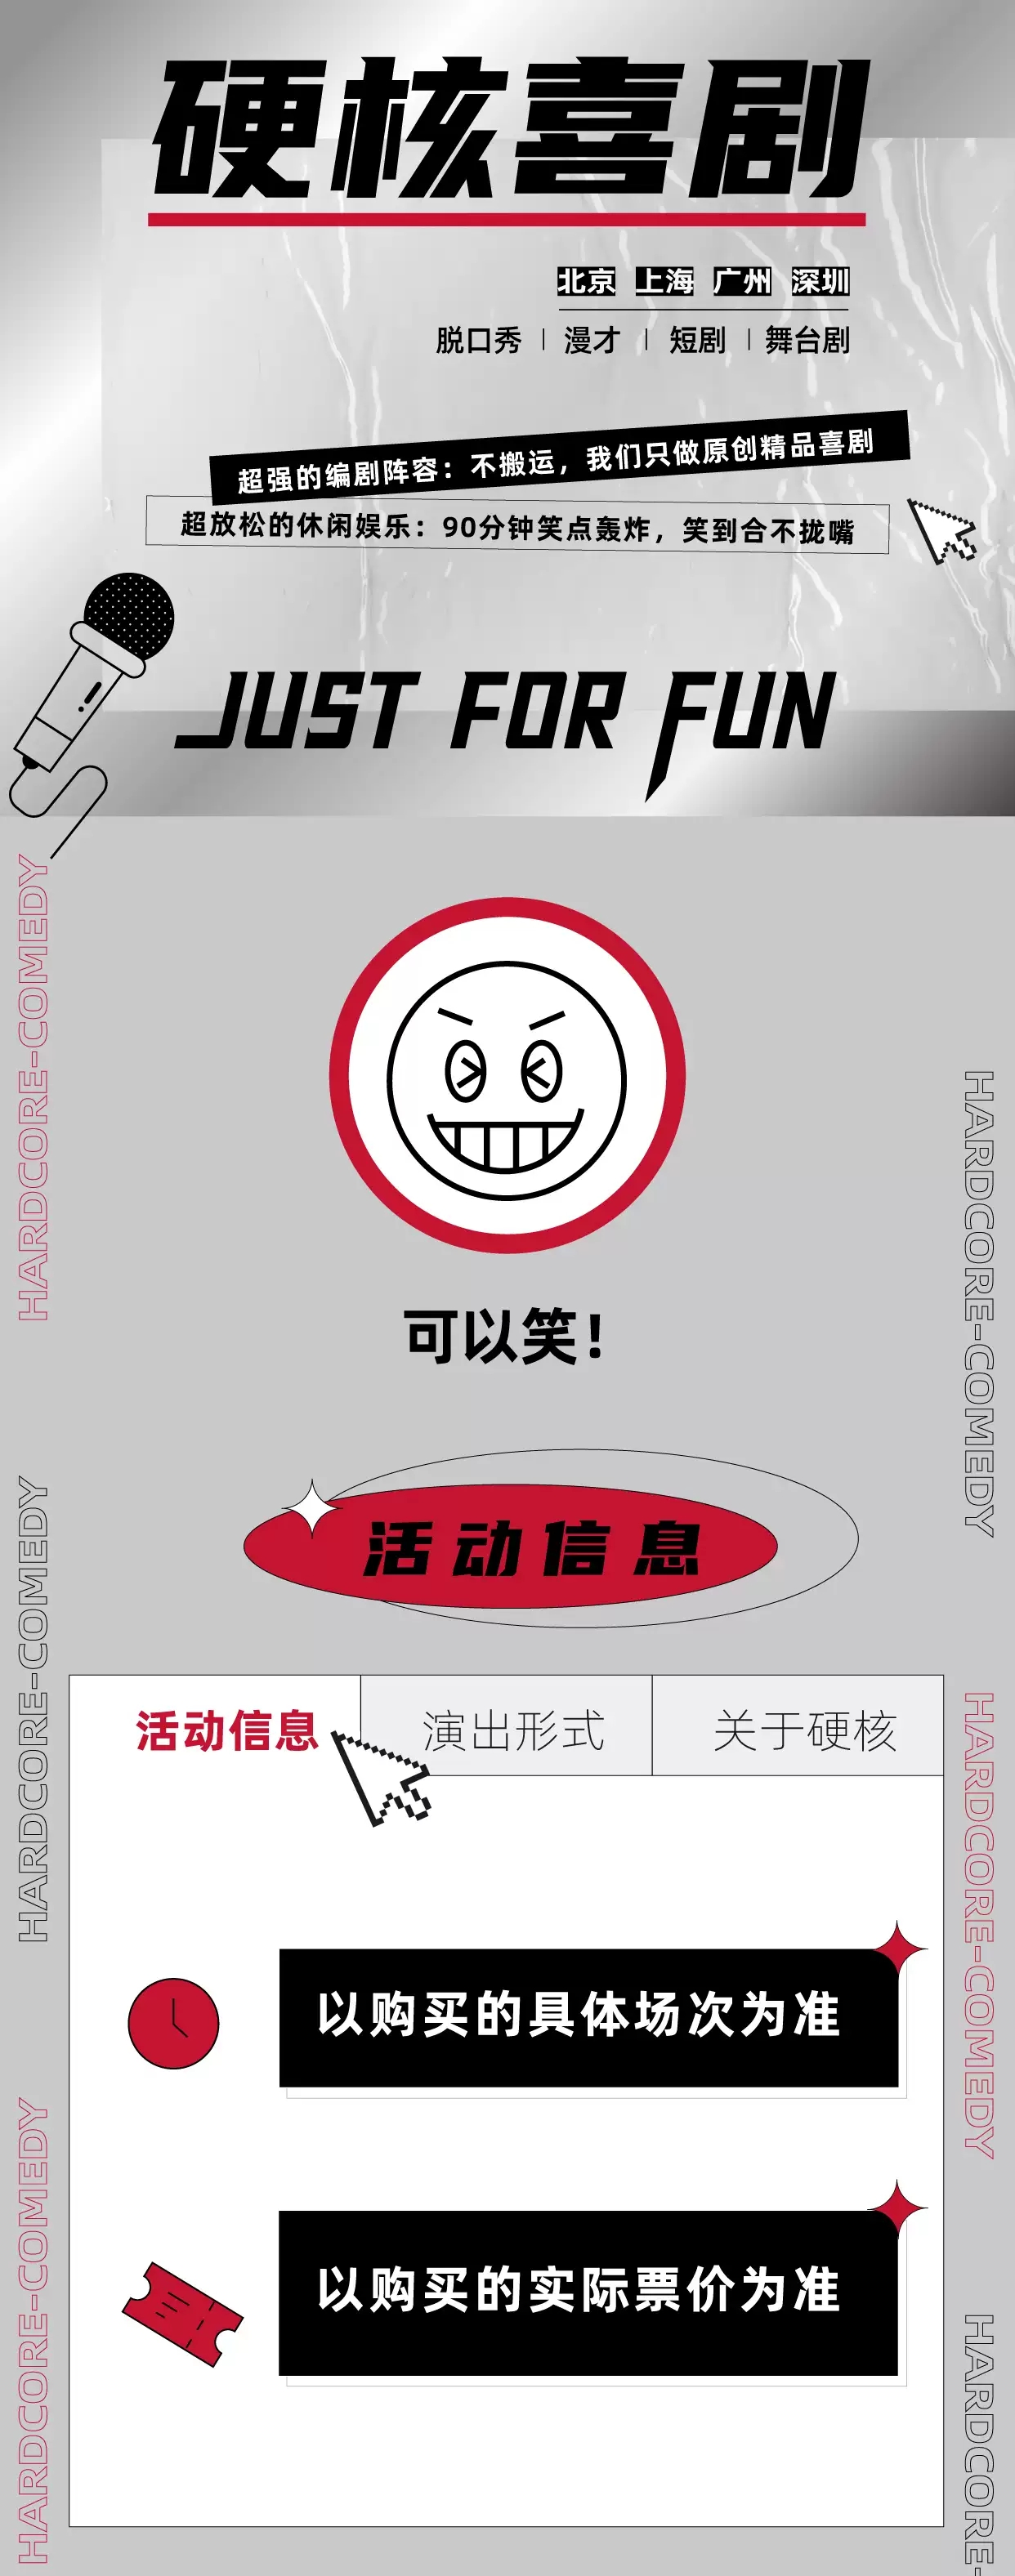 2021硬核喜剧脱口秀 周三开放麦(福田车公庙)-深圳站